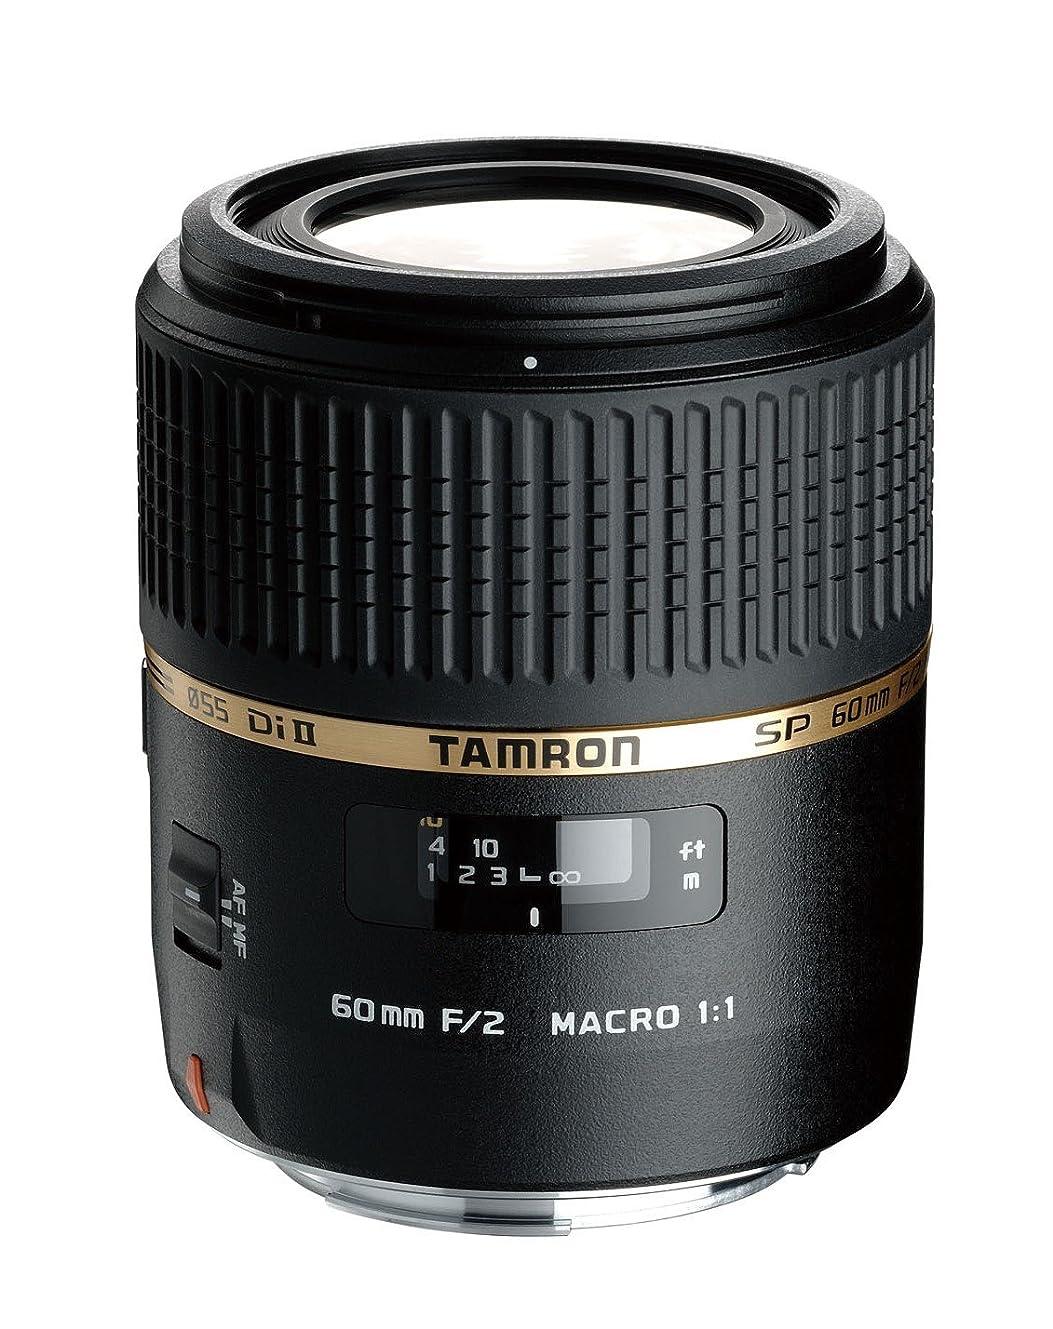 撤退手綱教育学TAMRON 単焦点マクロレンズ SP AF60mm F2 DiII MACRO 1:1 ニコン用 APS-C専用 G005NII